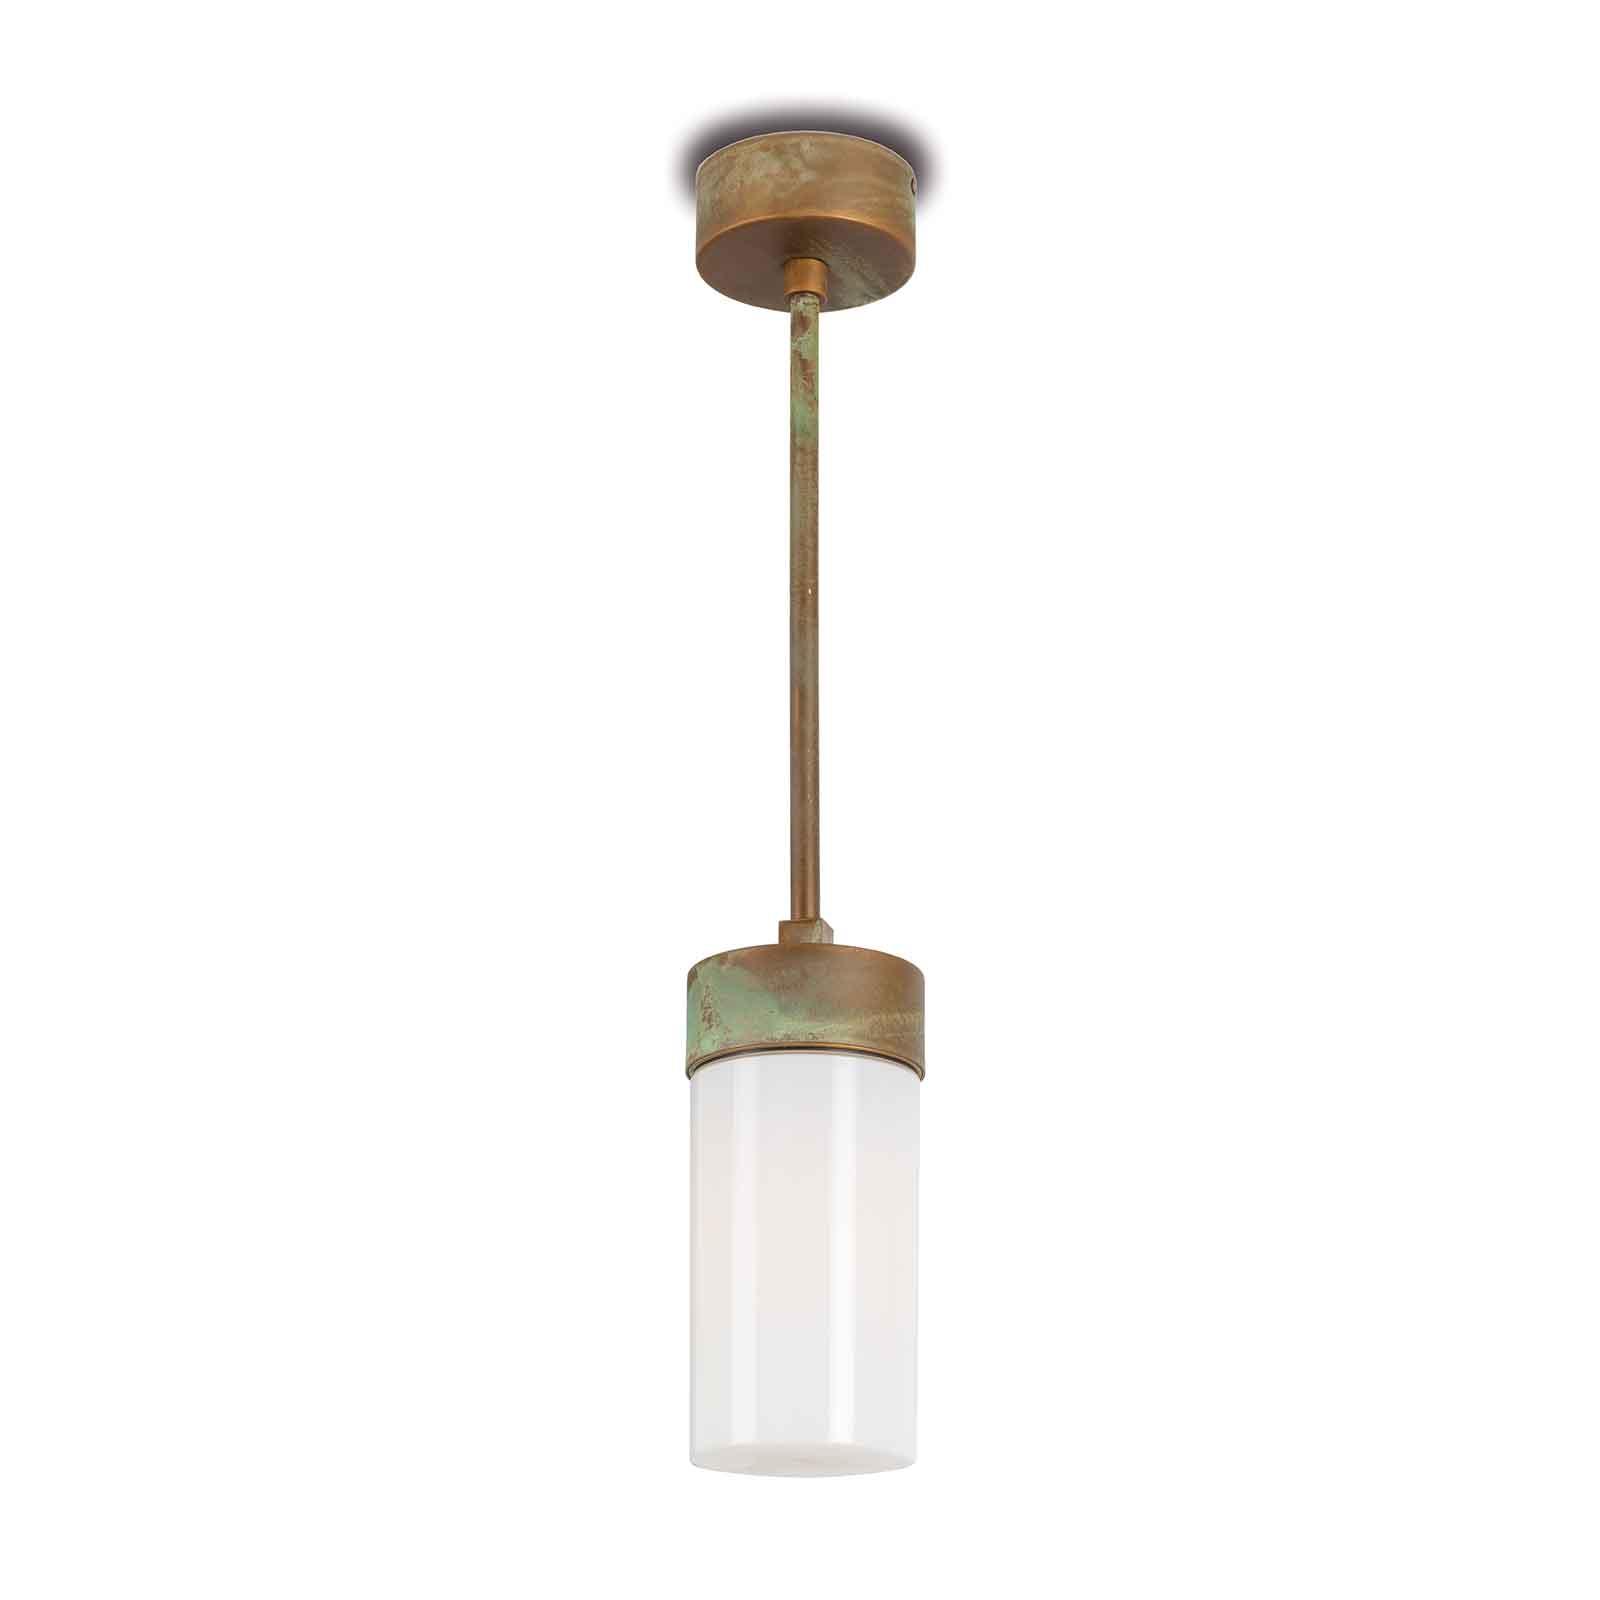 Lampa wisząca Silindar 3358 mosiądz antyk/opal